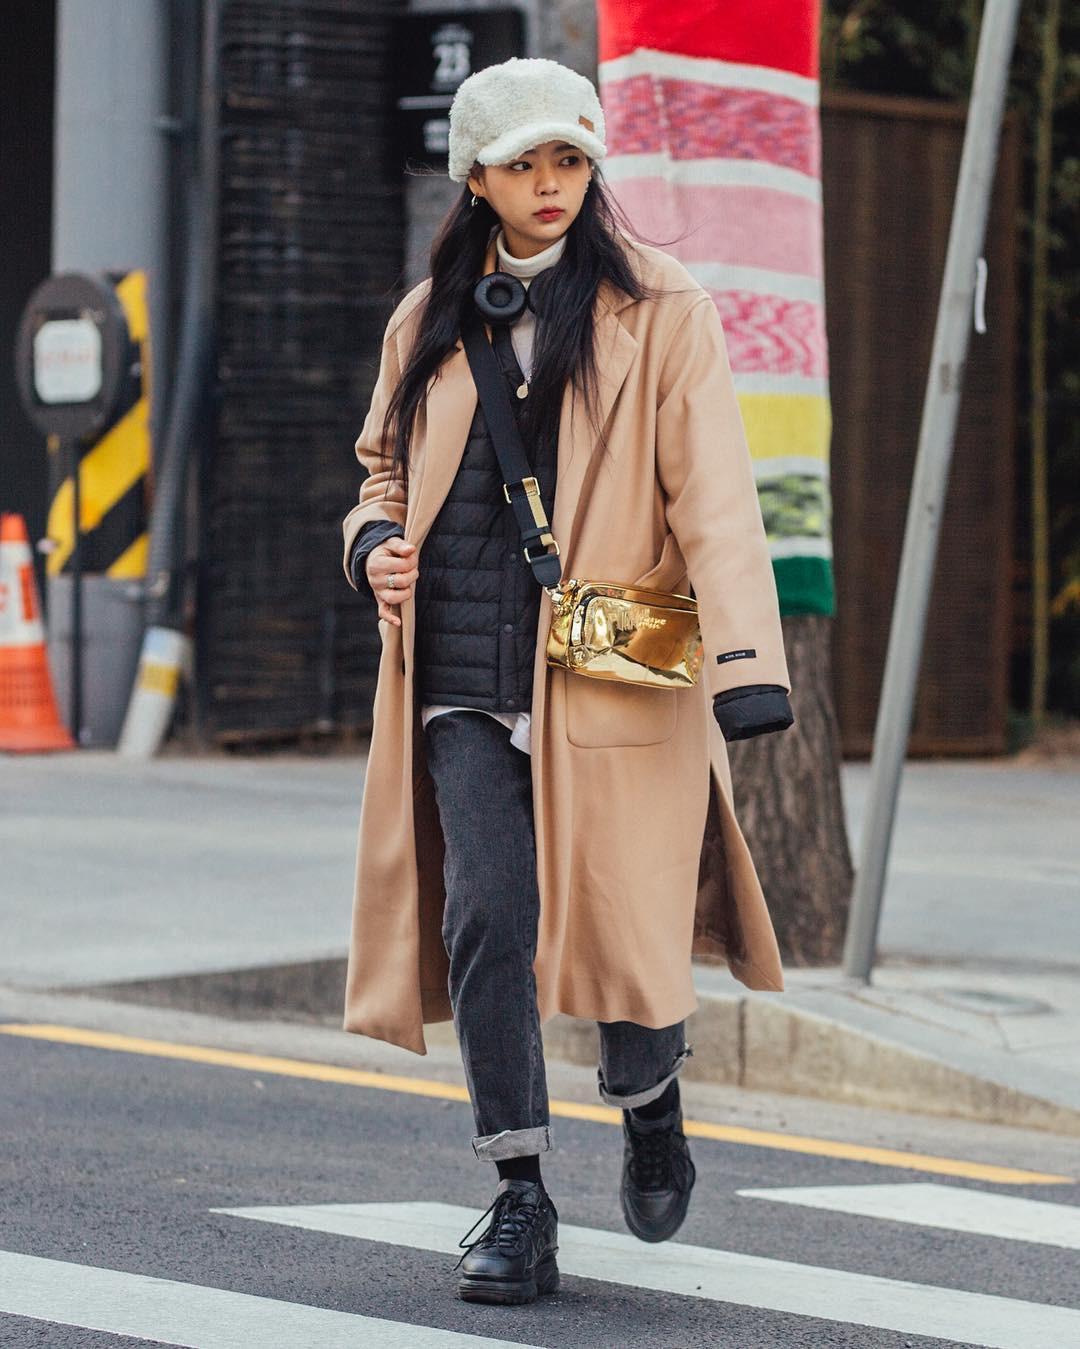 Mê phong cách đơn giản, bụi bặm hay chanh xả, bạn cũng sẽ bỏ túi được cả rổ gợi ý từ street style tuần qua của giới trẻ Hàn - Ảnh 2.